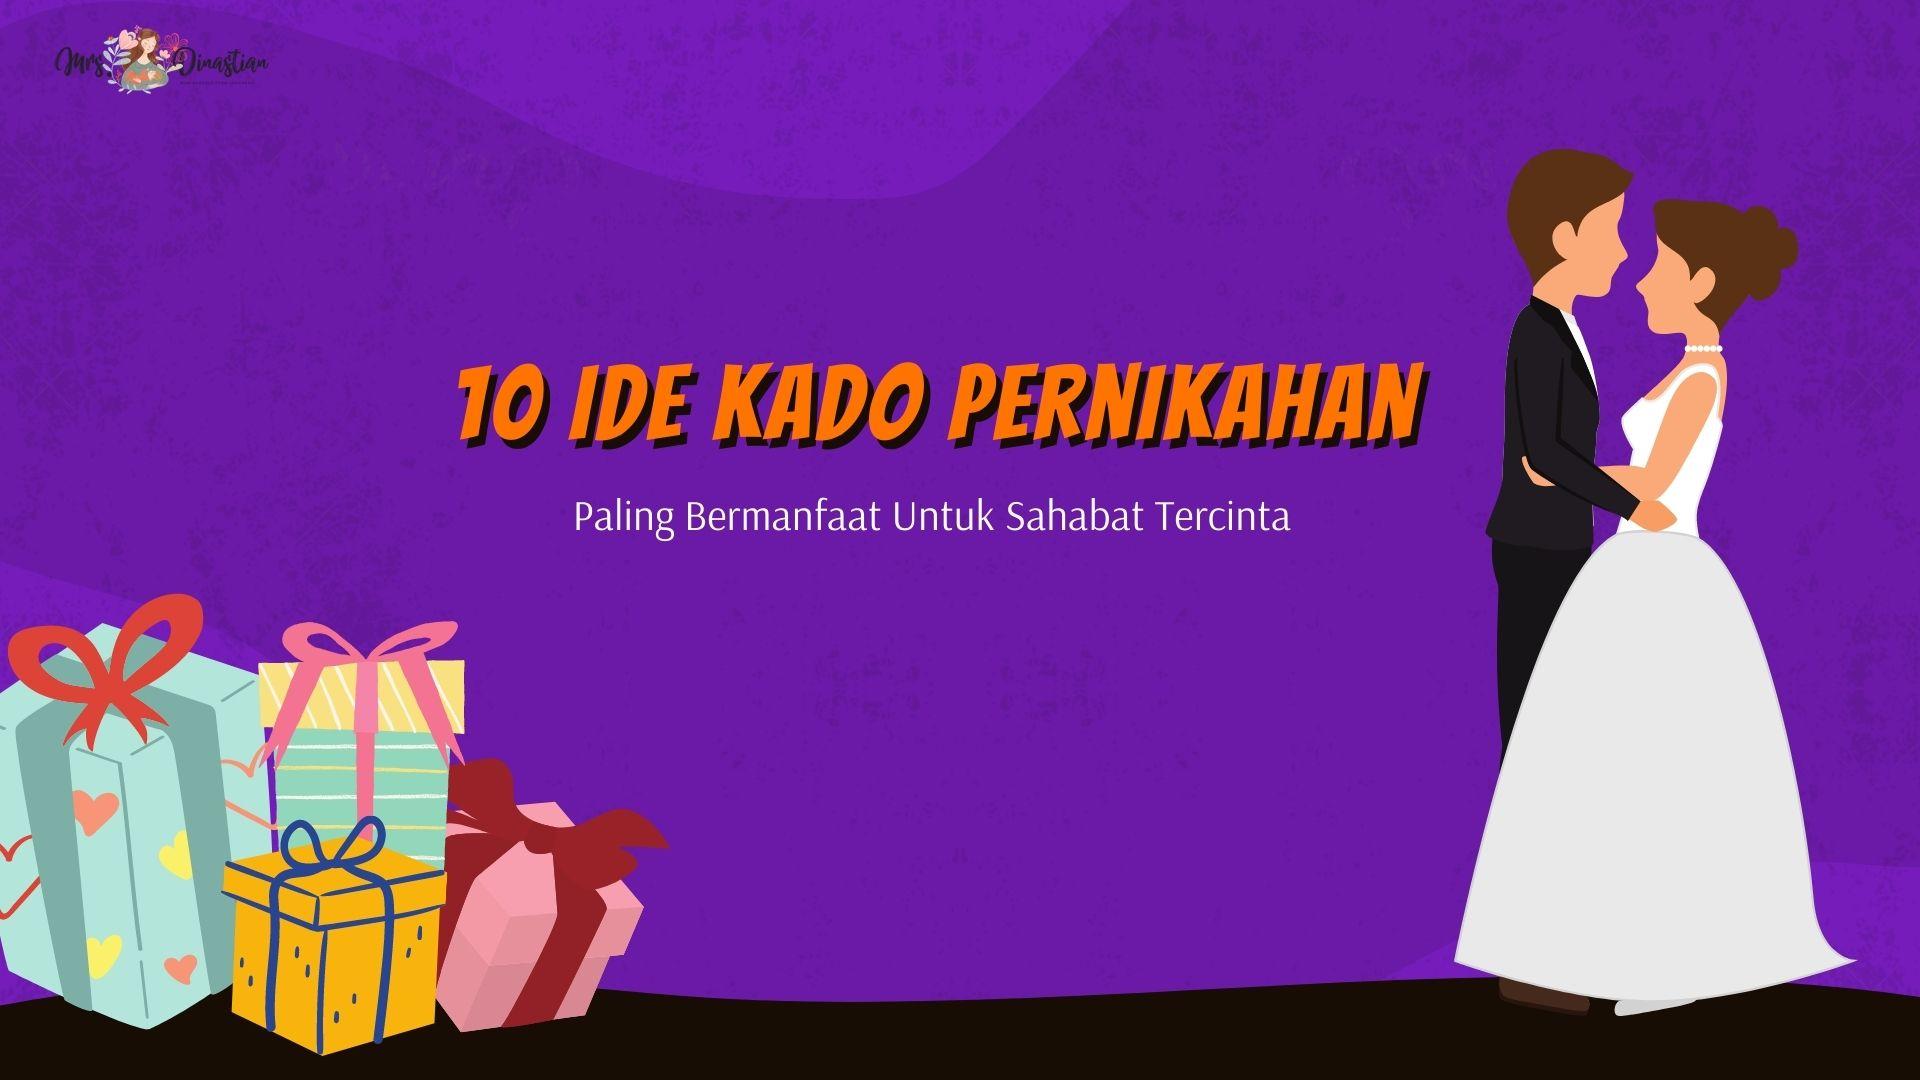 10 Ide Kado Pernikahan Paling Bermanfaat